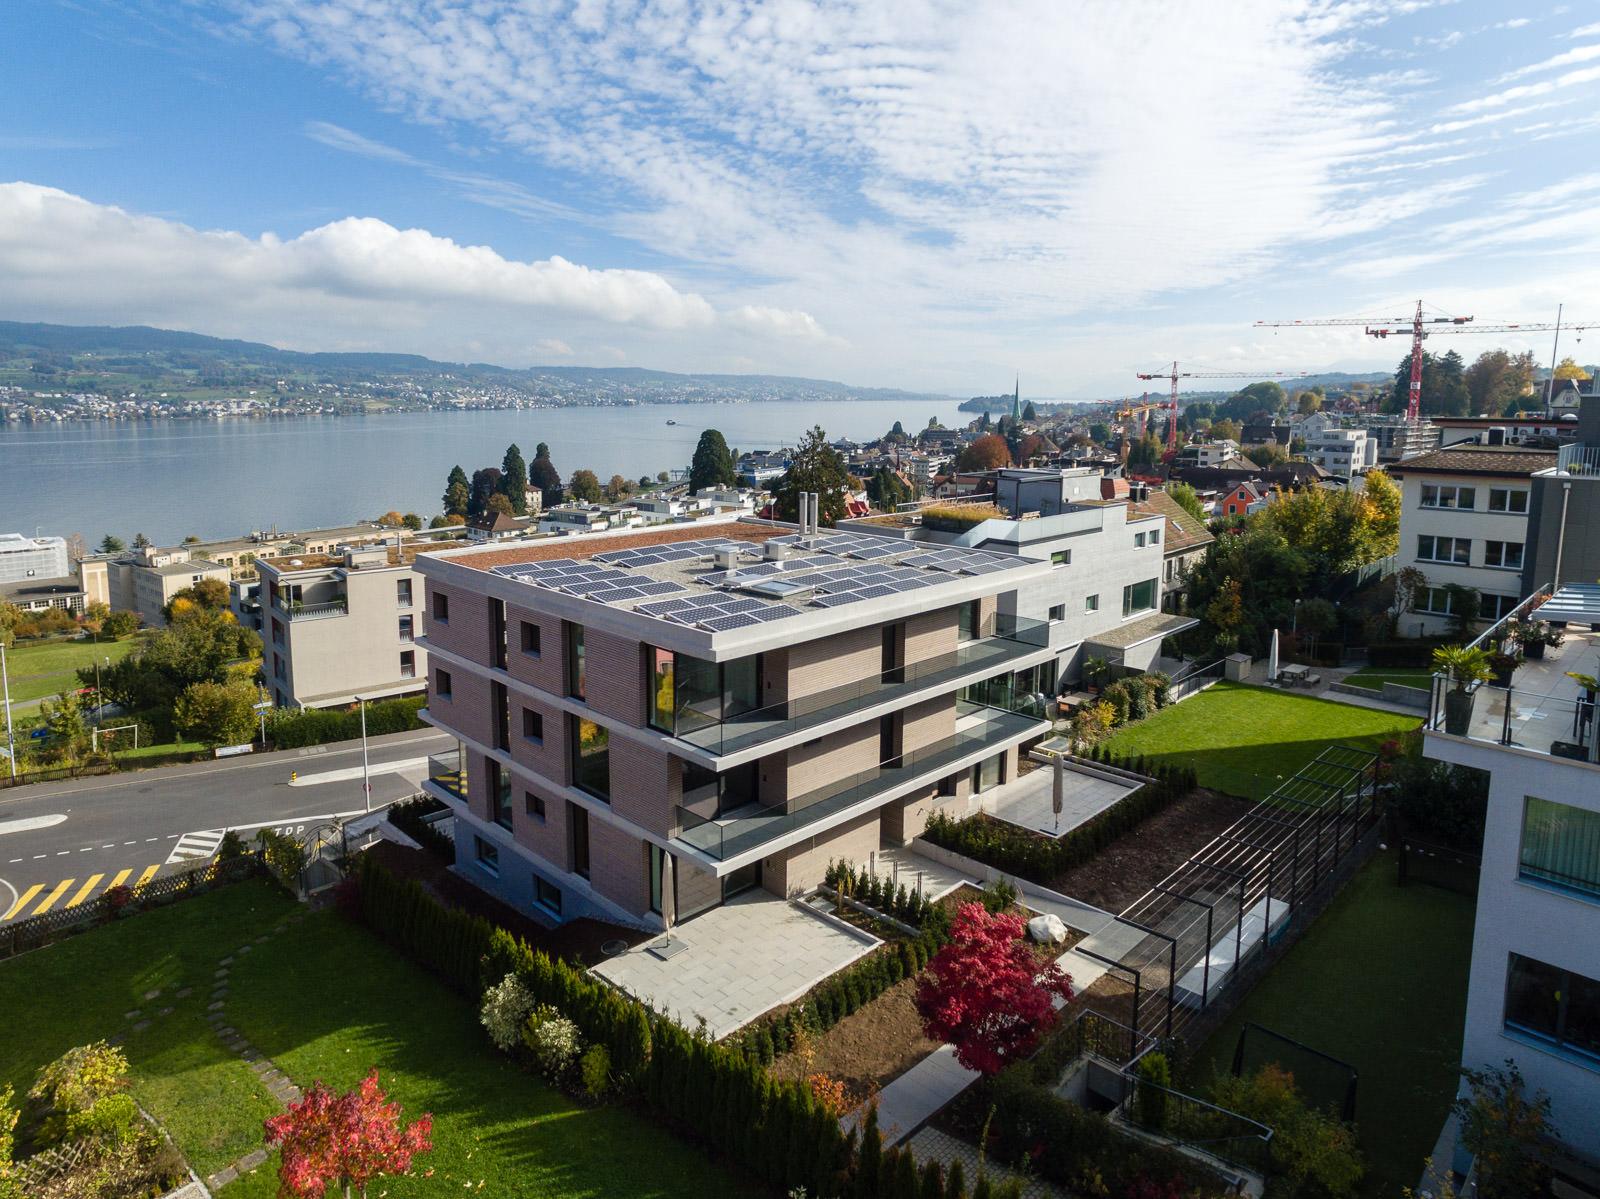 Drohnenfotografie Drohnenaufnahmen Immobilien Zürich Schweiz